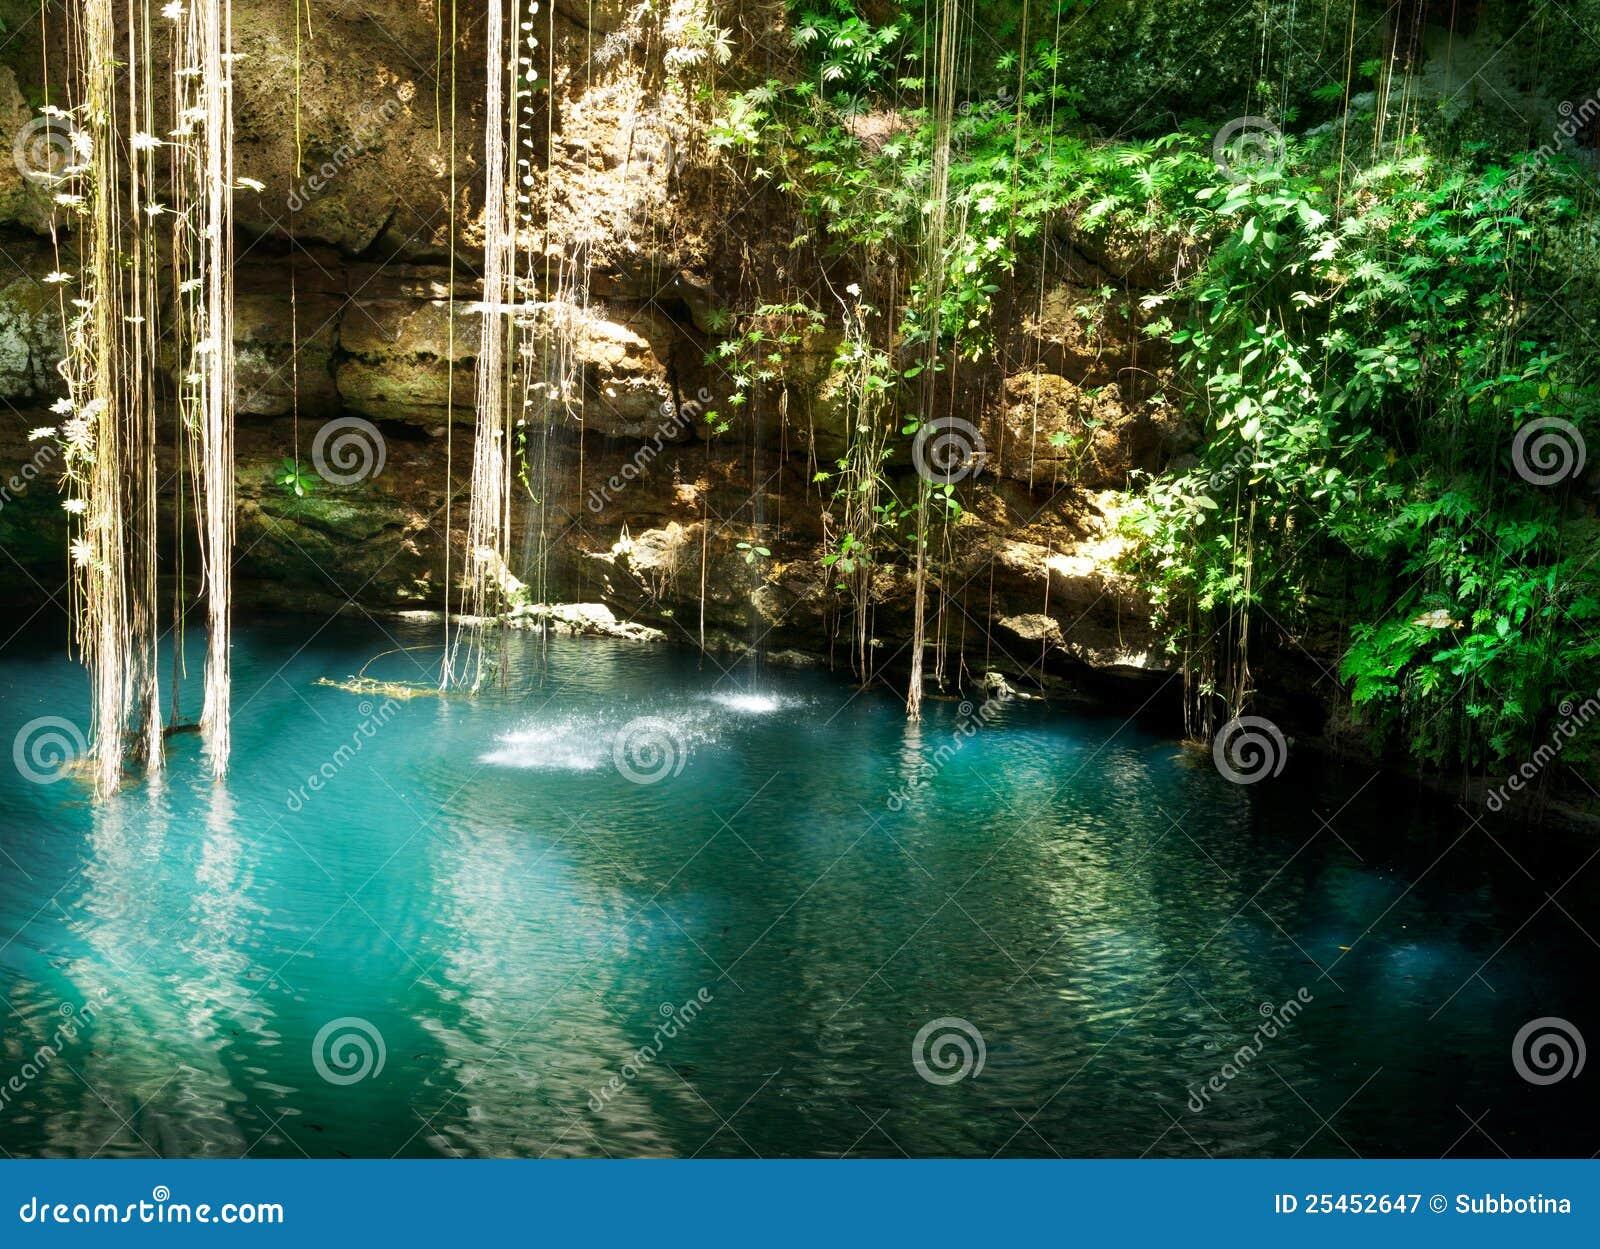 Ik-Kil Cenote, Mexique